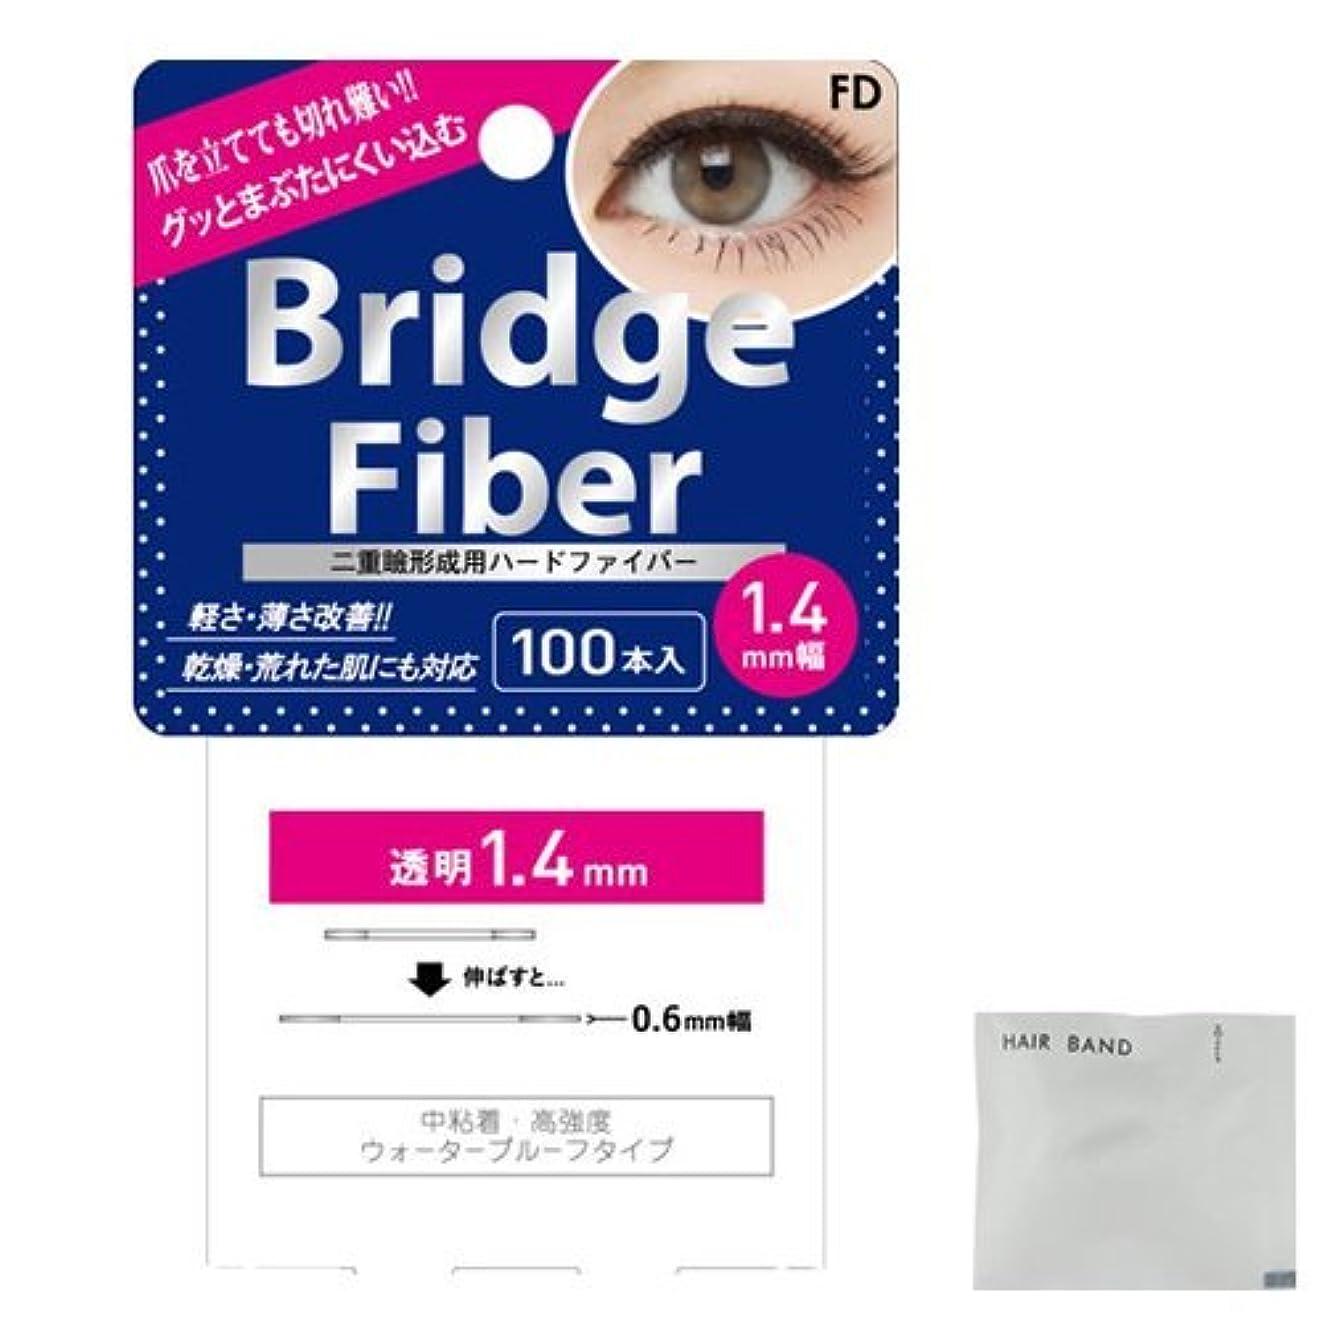 クール農学アレルギーFD ブリッジファイバーⅡ (Bridge Fiber) クリア1.4mm + ヘアゴム(カラーはおまかせ)セット